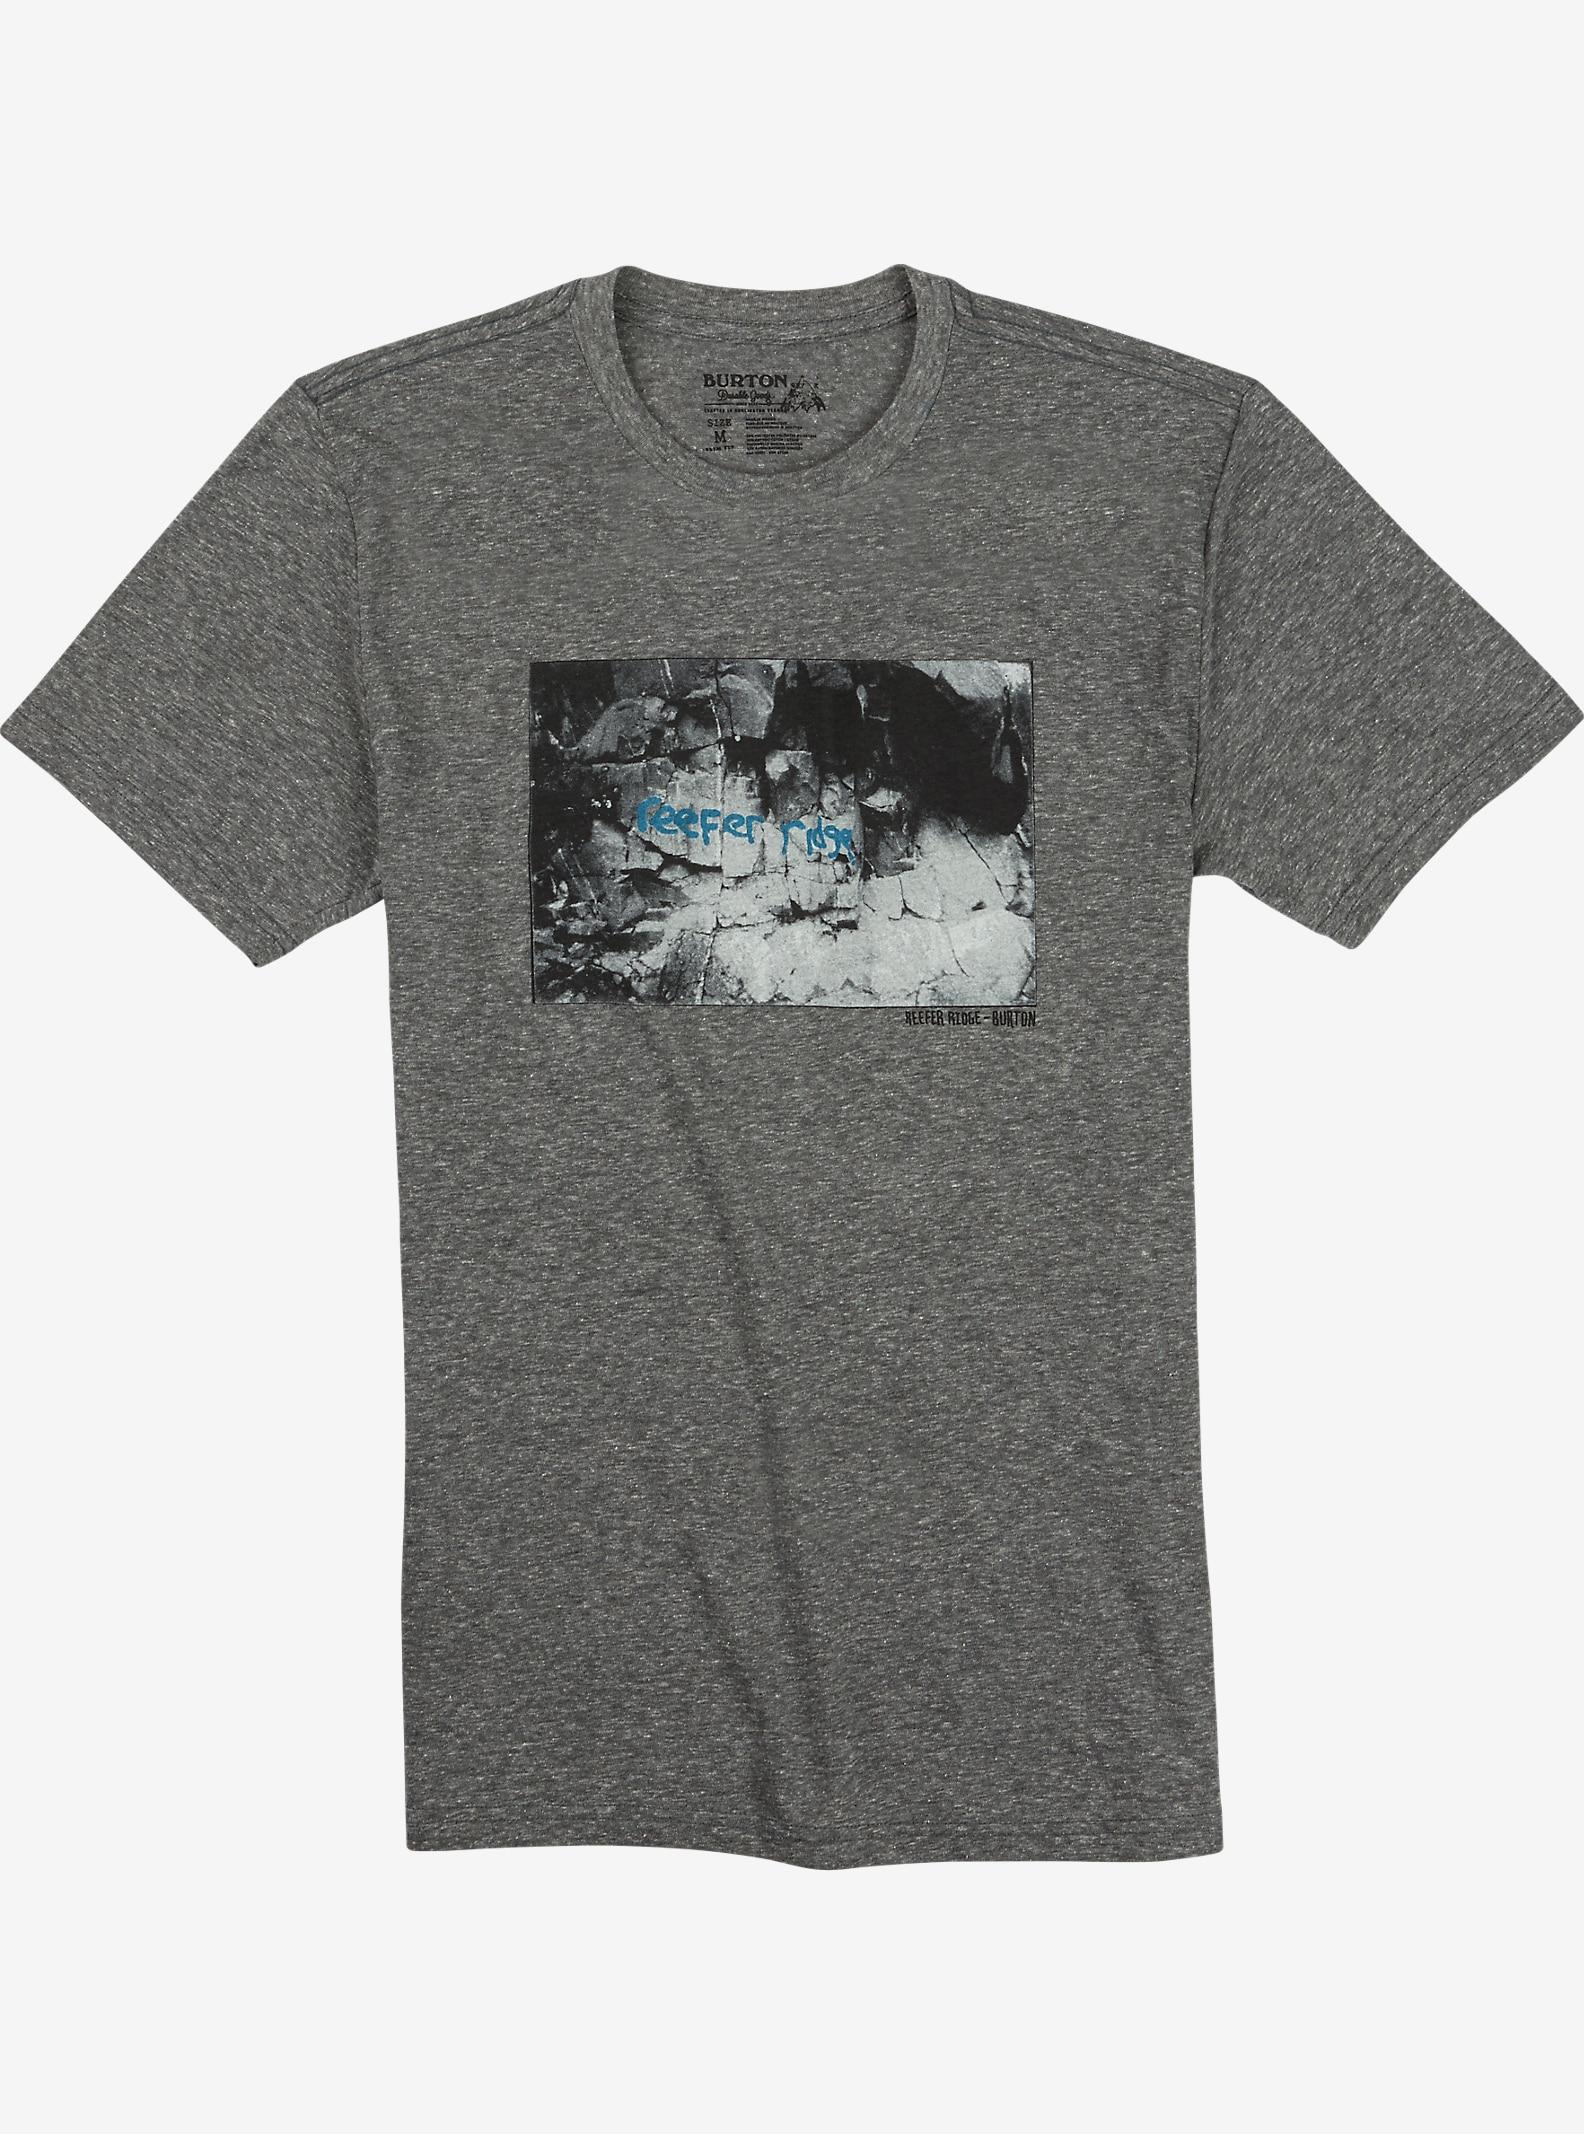 Burton Reefer Ridge T-Shirt in Slim-Fit angezeigt in Gray Heather